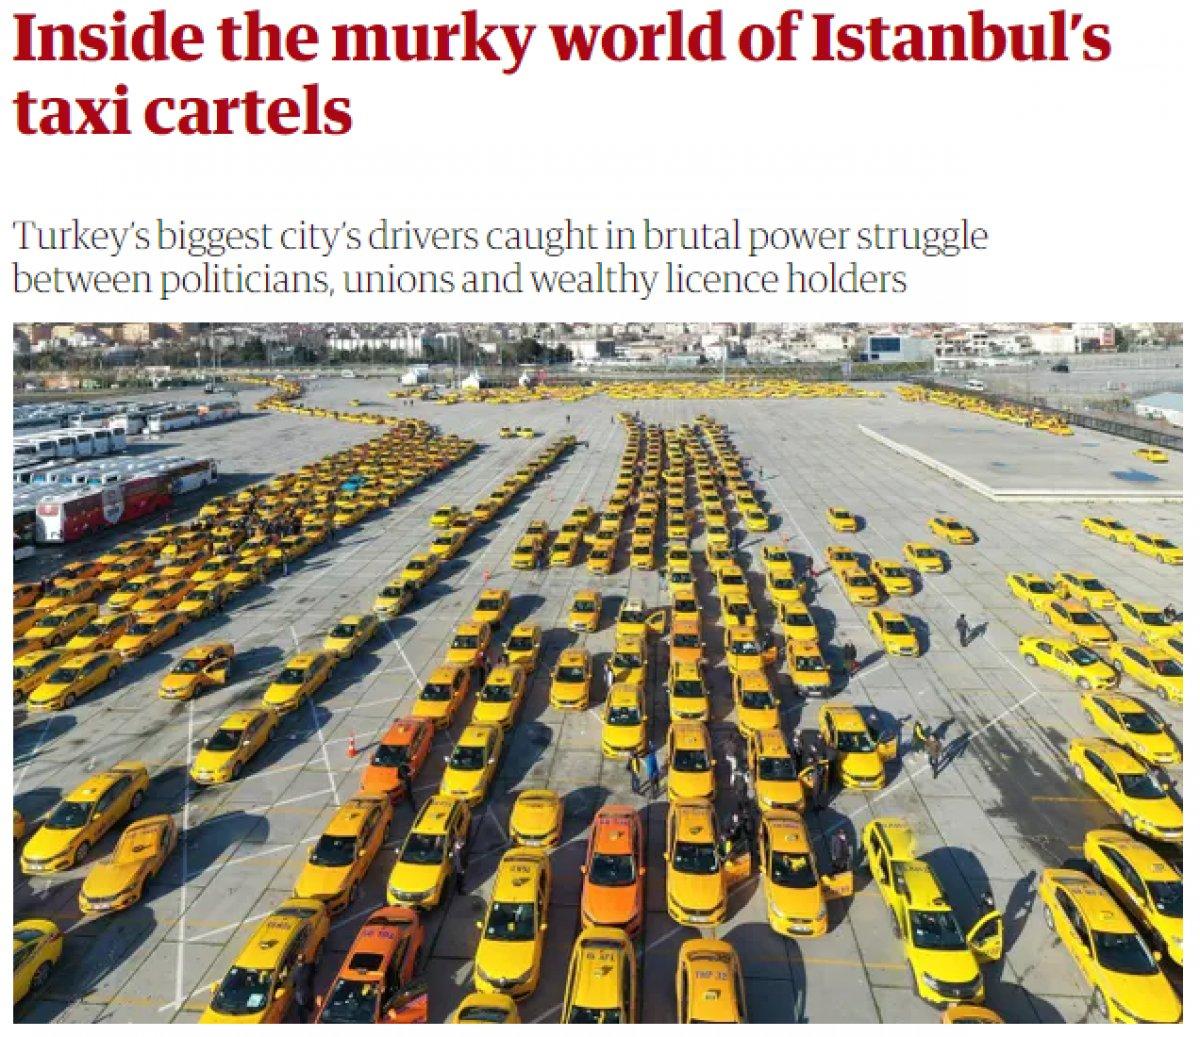 İstanbul daki taksi sorunu İngiliz medyasında #1